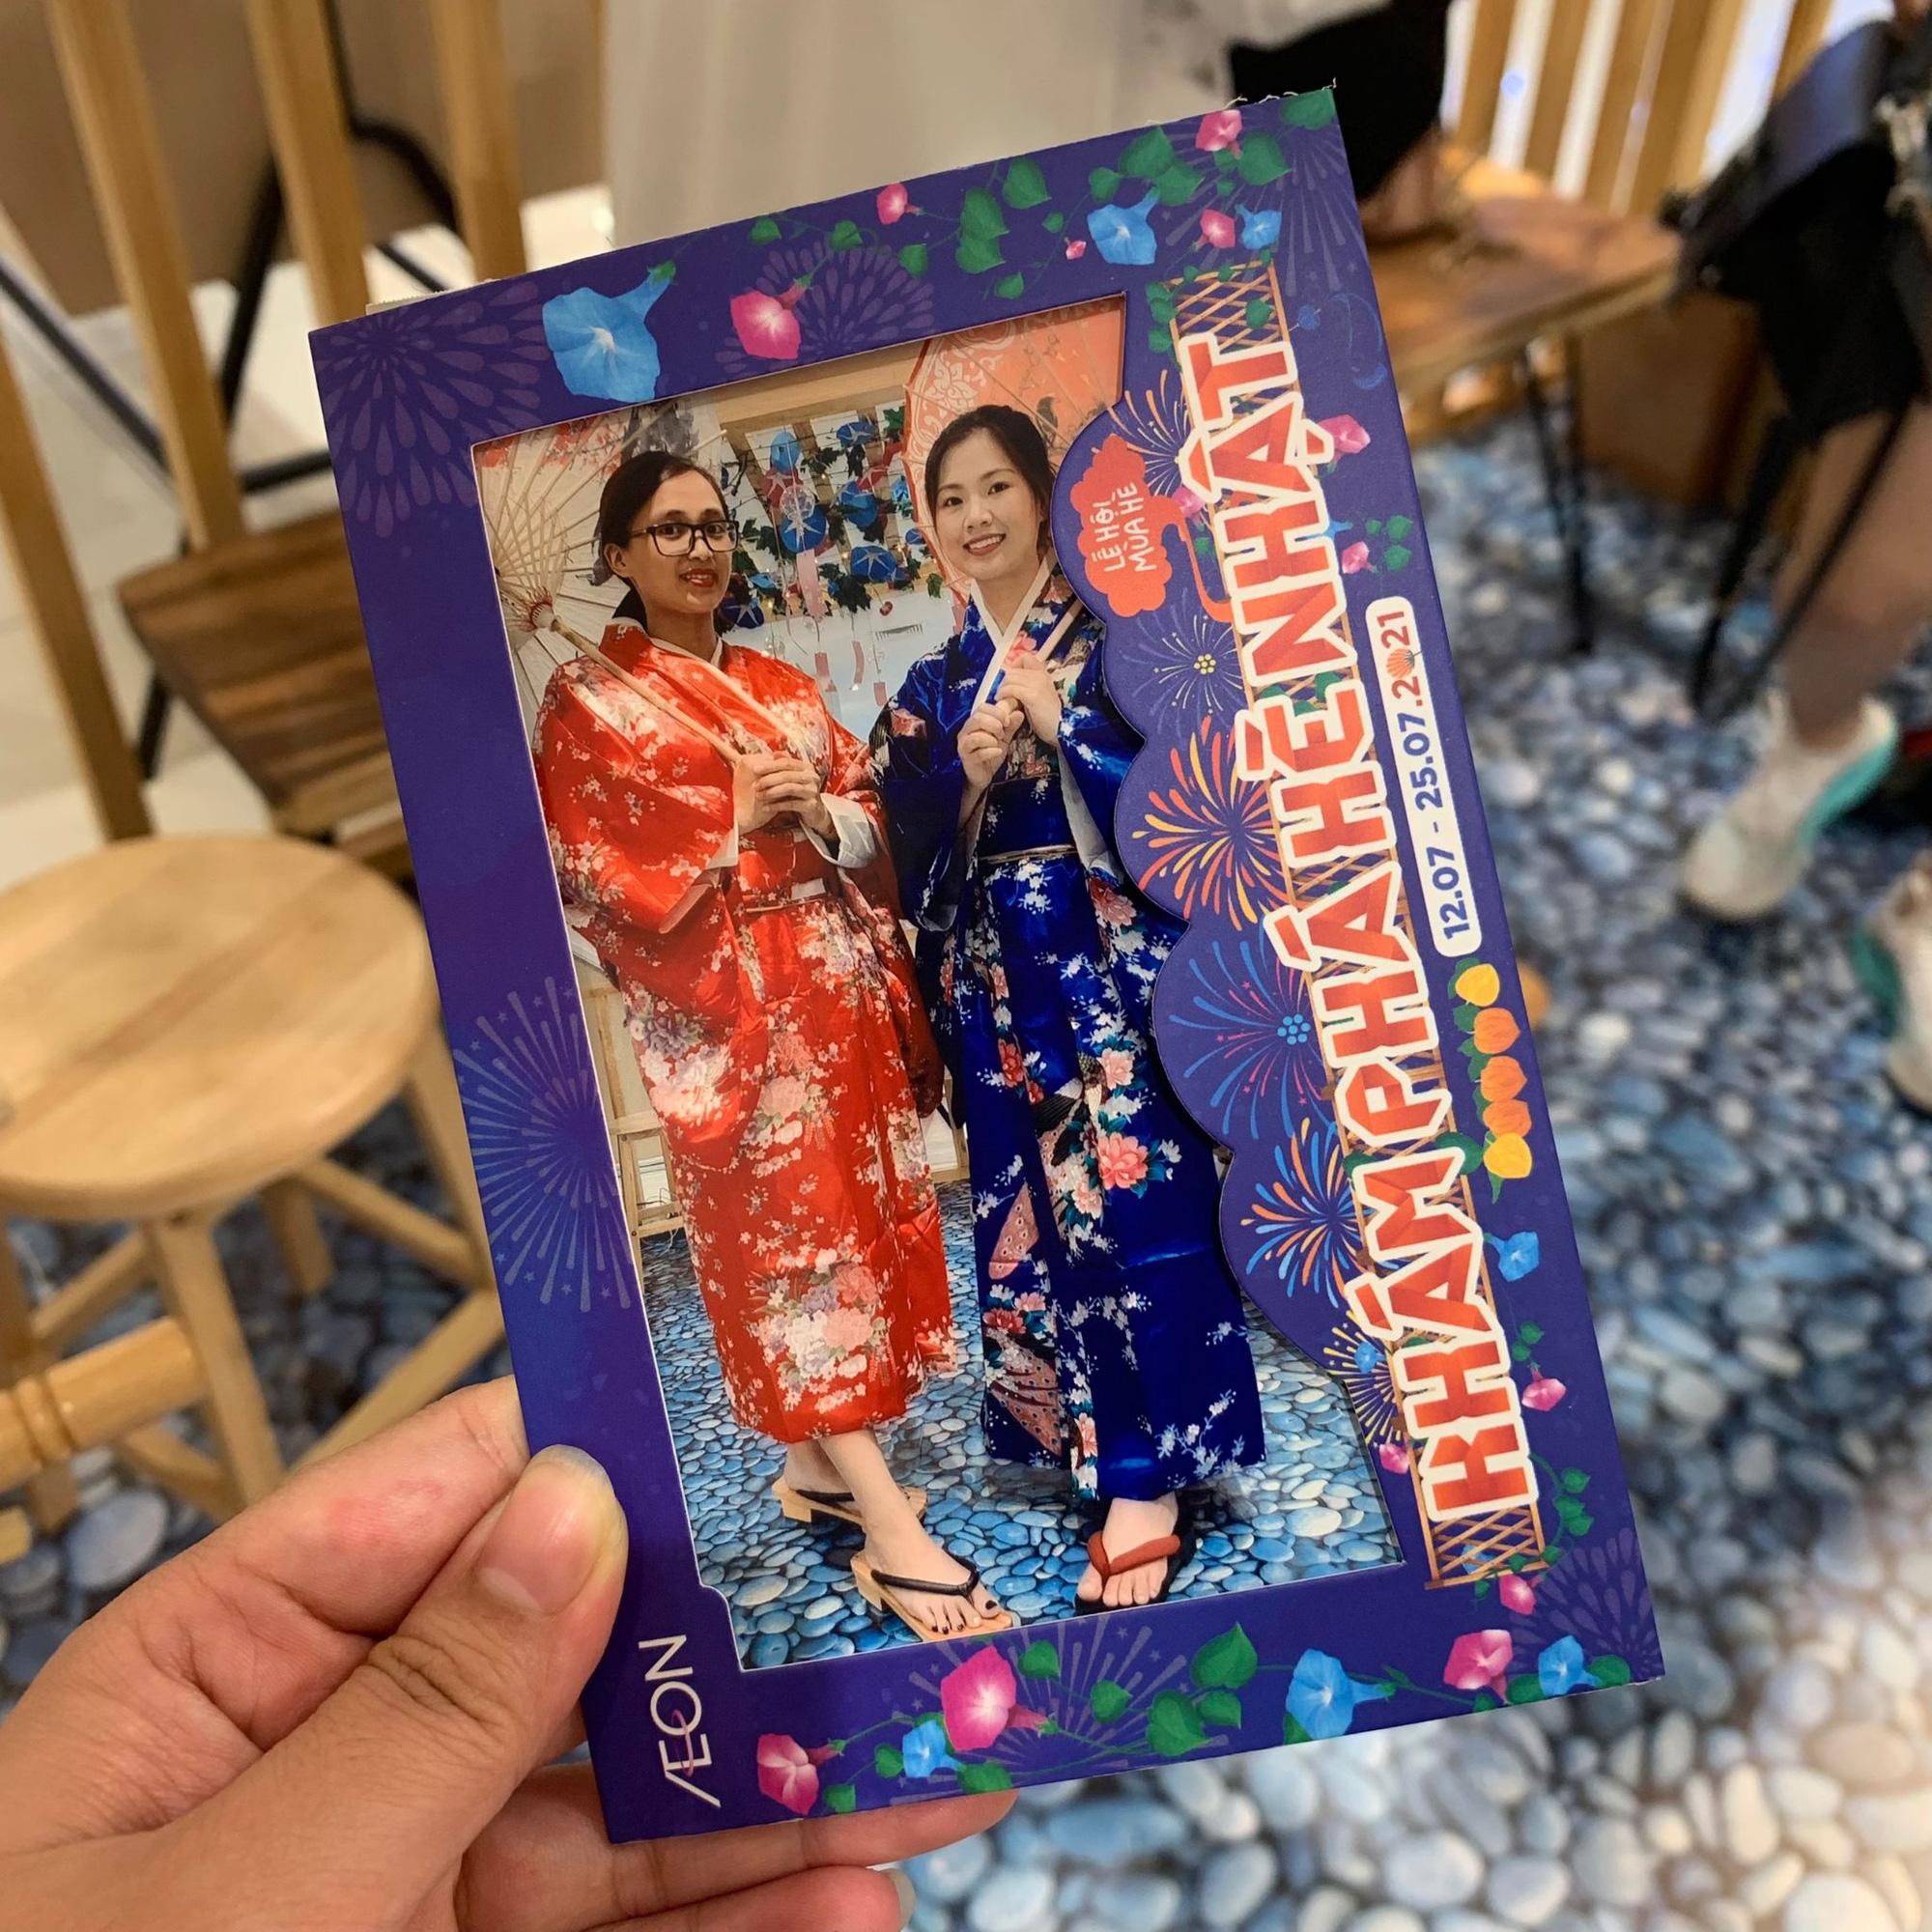 Lạc lối tại lễ hội mùa hè Nhật Bản giữa lòng Việt Nam - Ảnh 5.